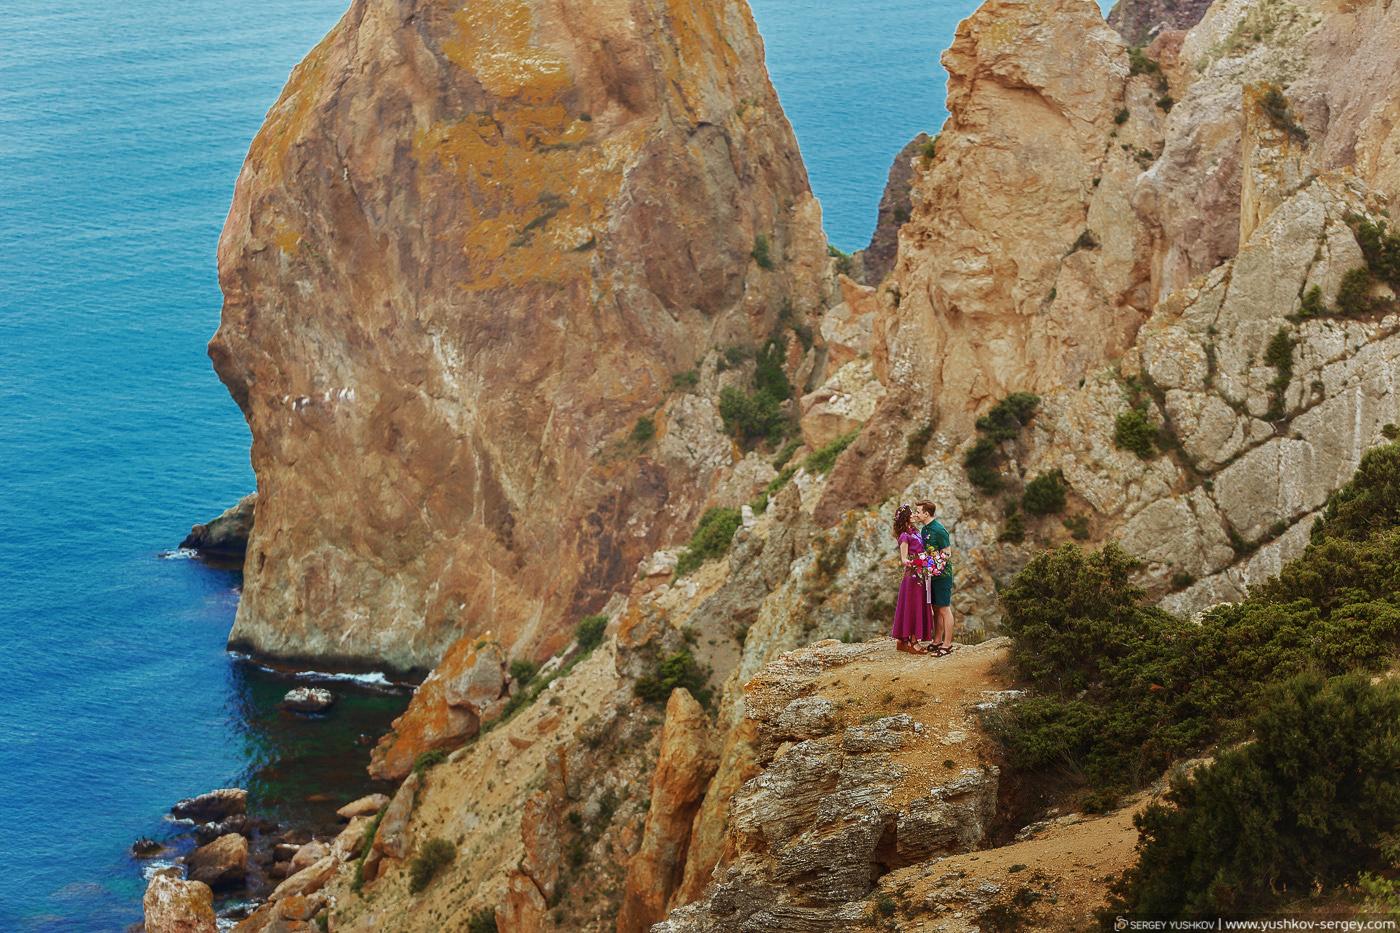 Романтическая фотосессия у моря Для двоих в Крыму. Фотограф - Сергей Юшков